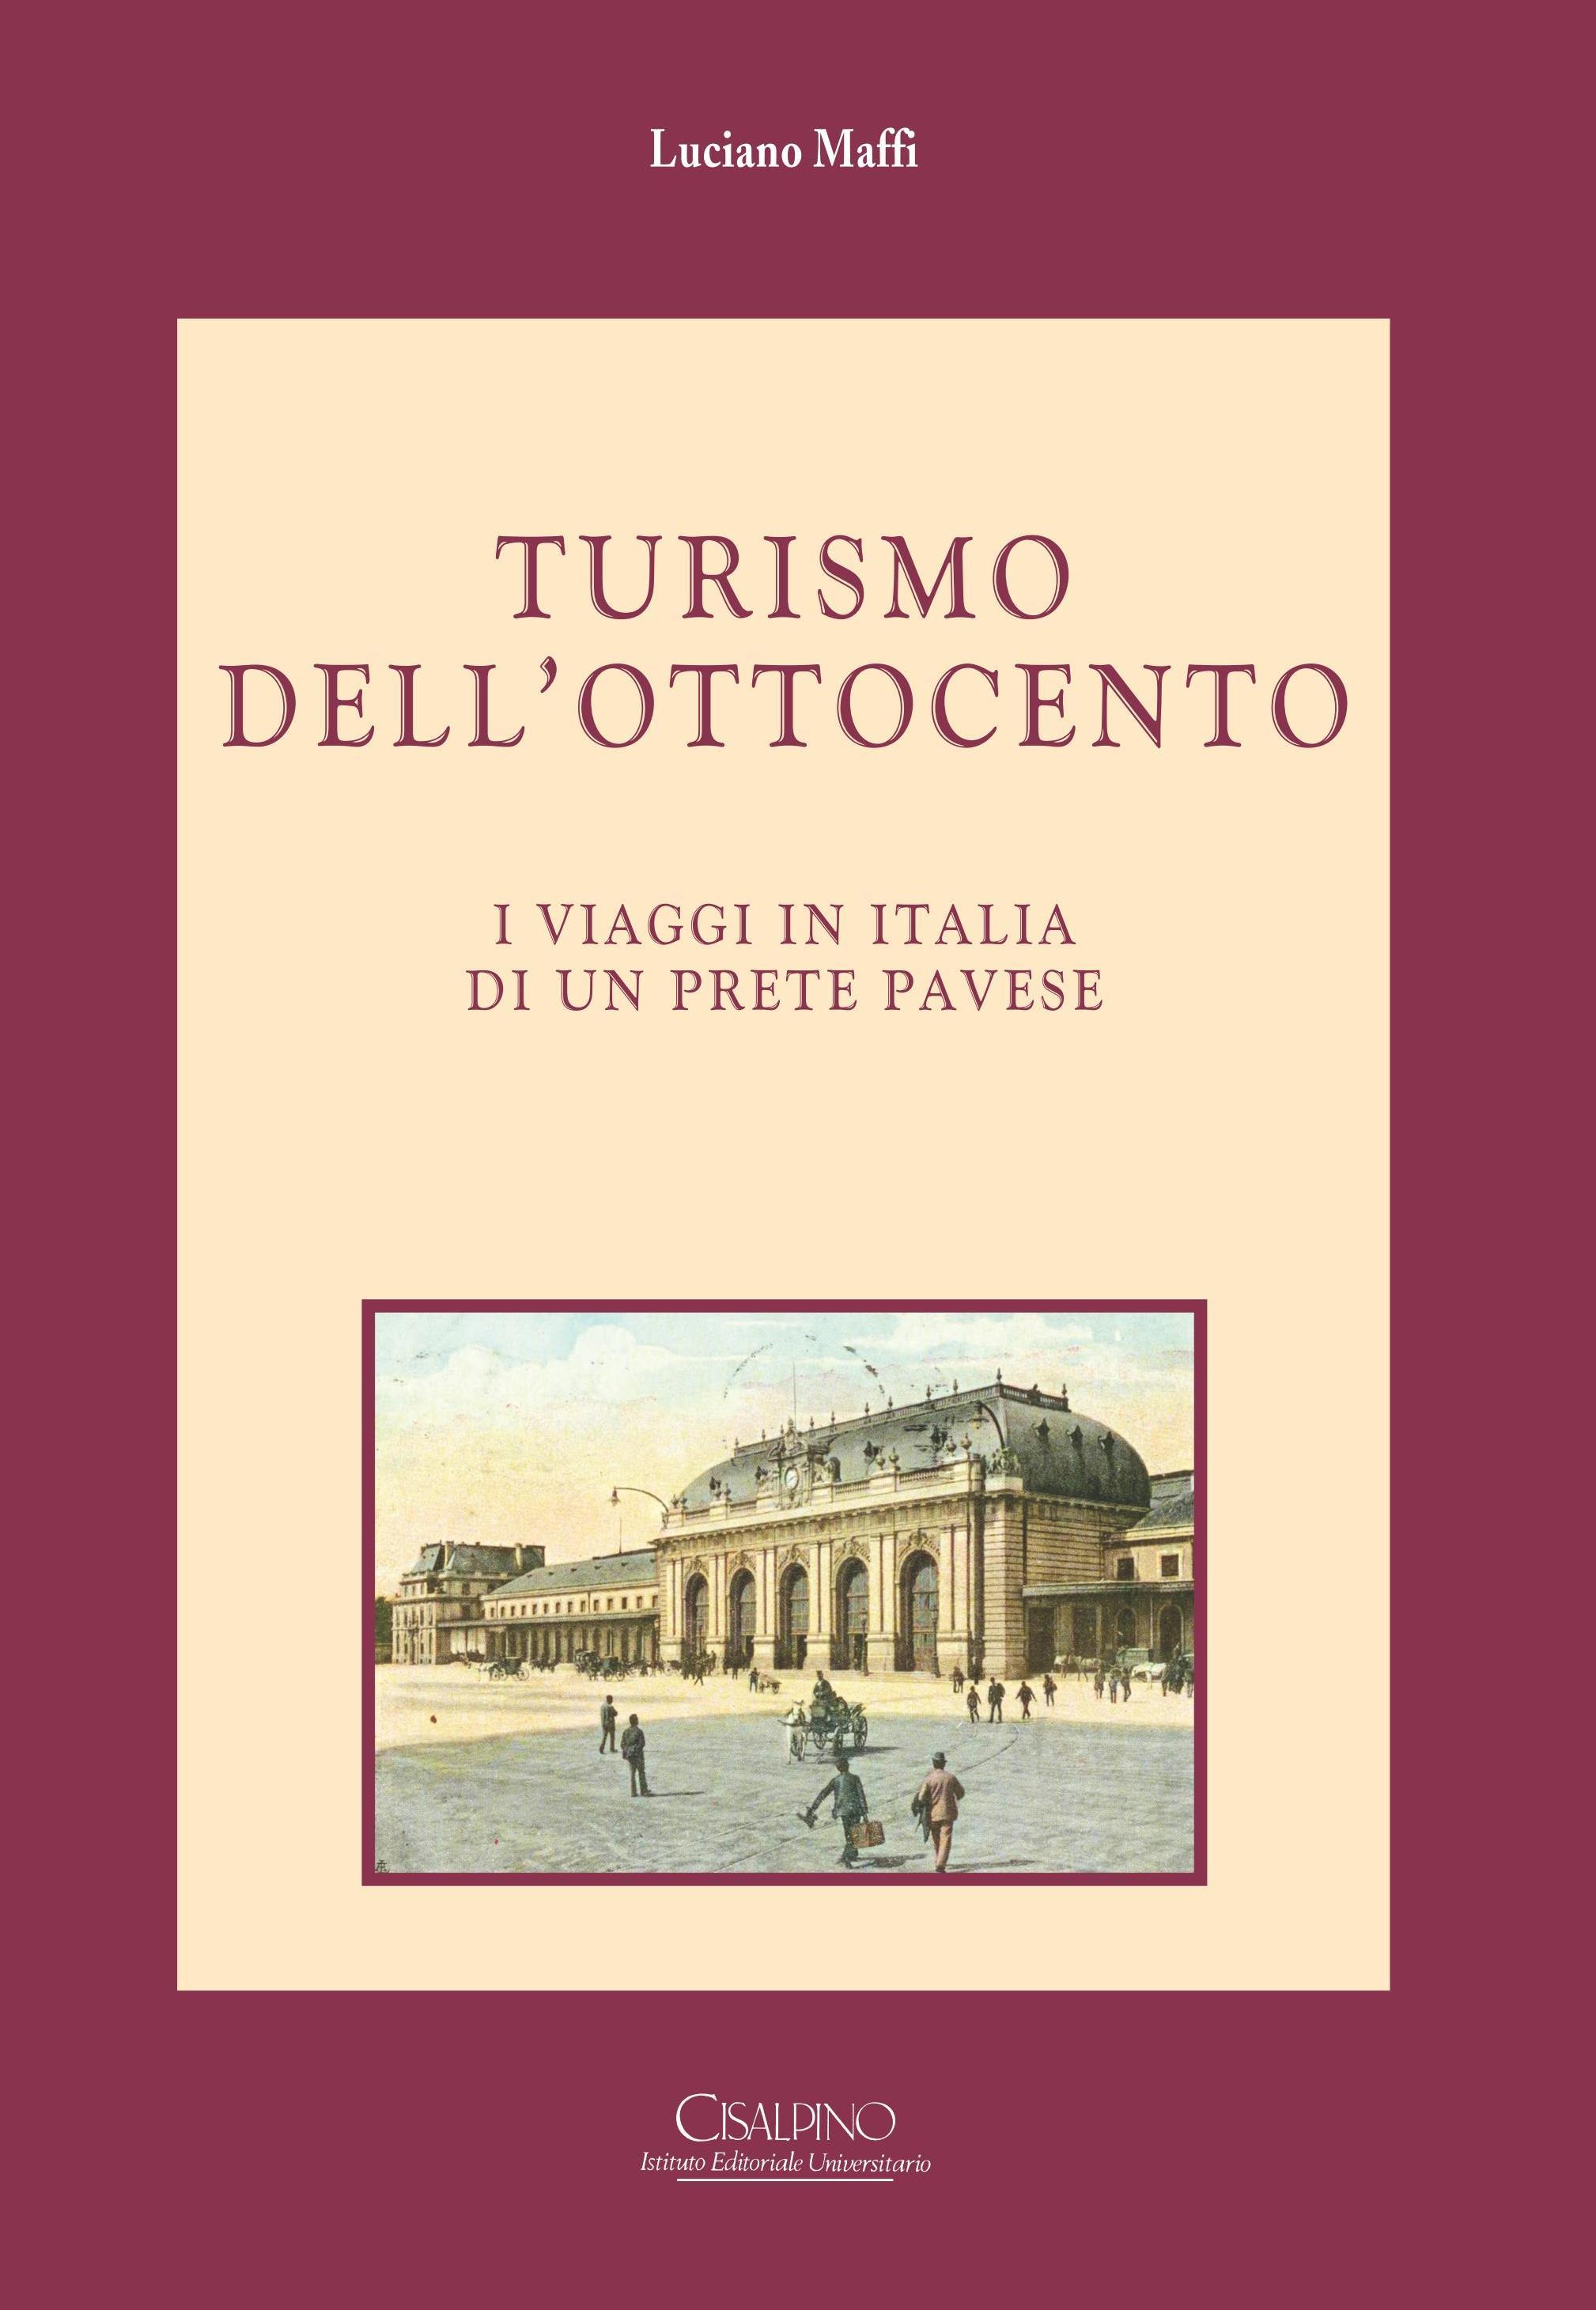 Turismo dell'Ottocento – I Viaggi in Italia di un prete pavese - Luciano Maffi